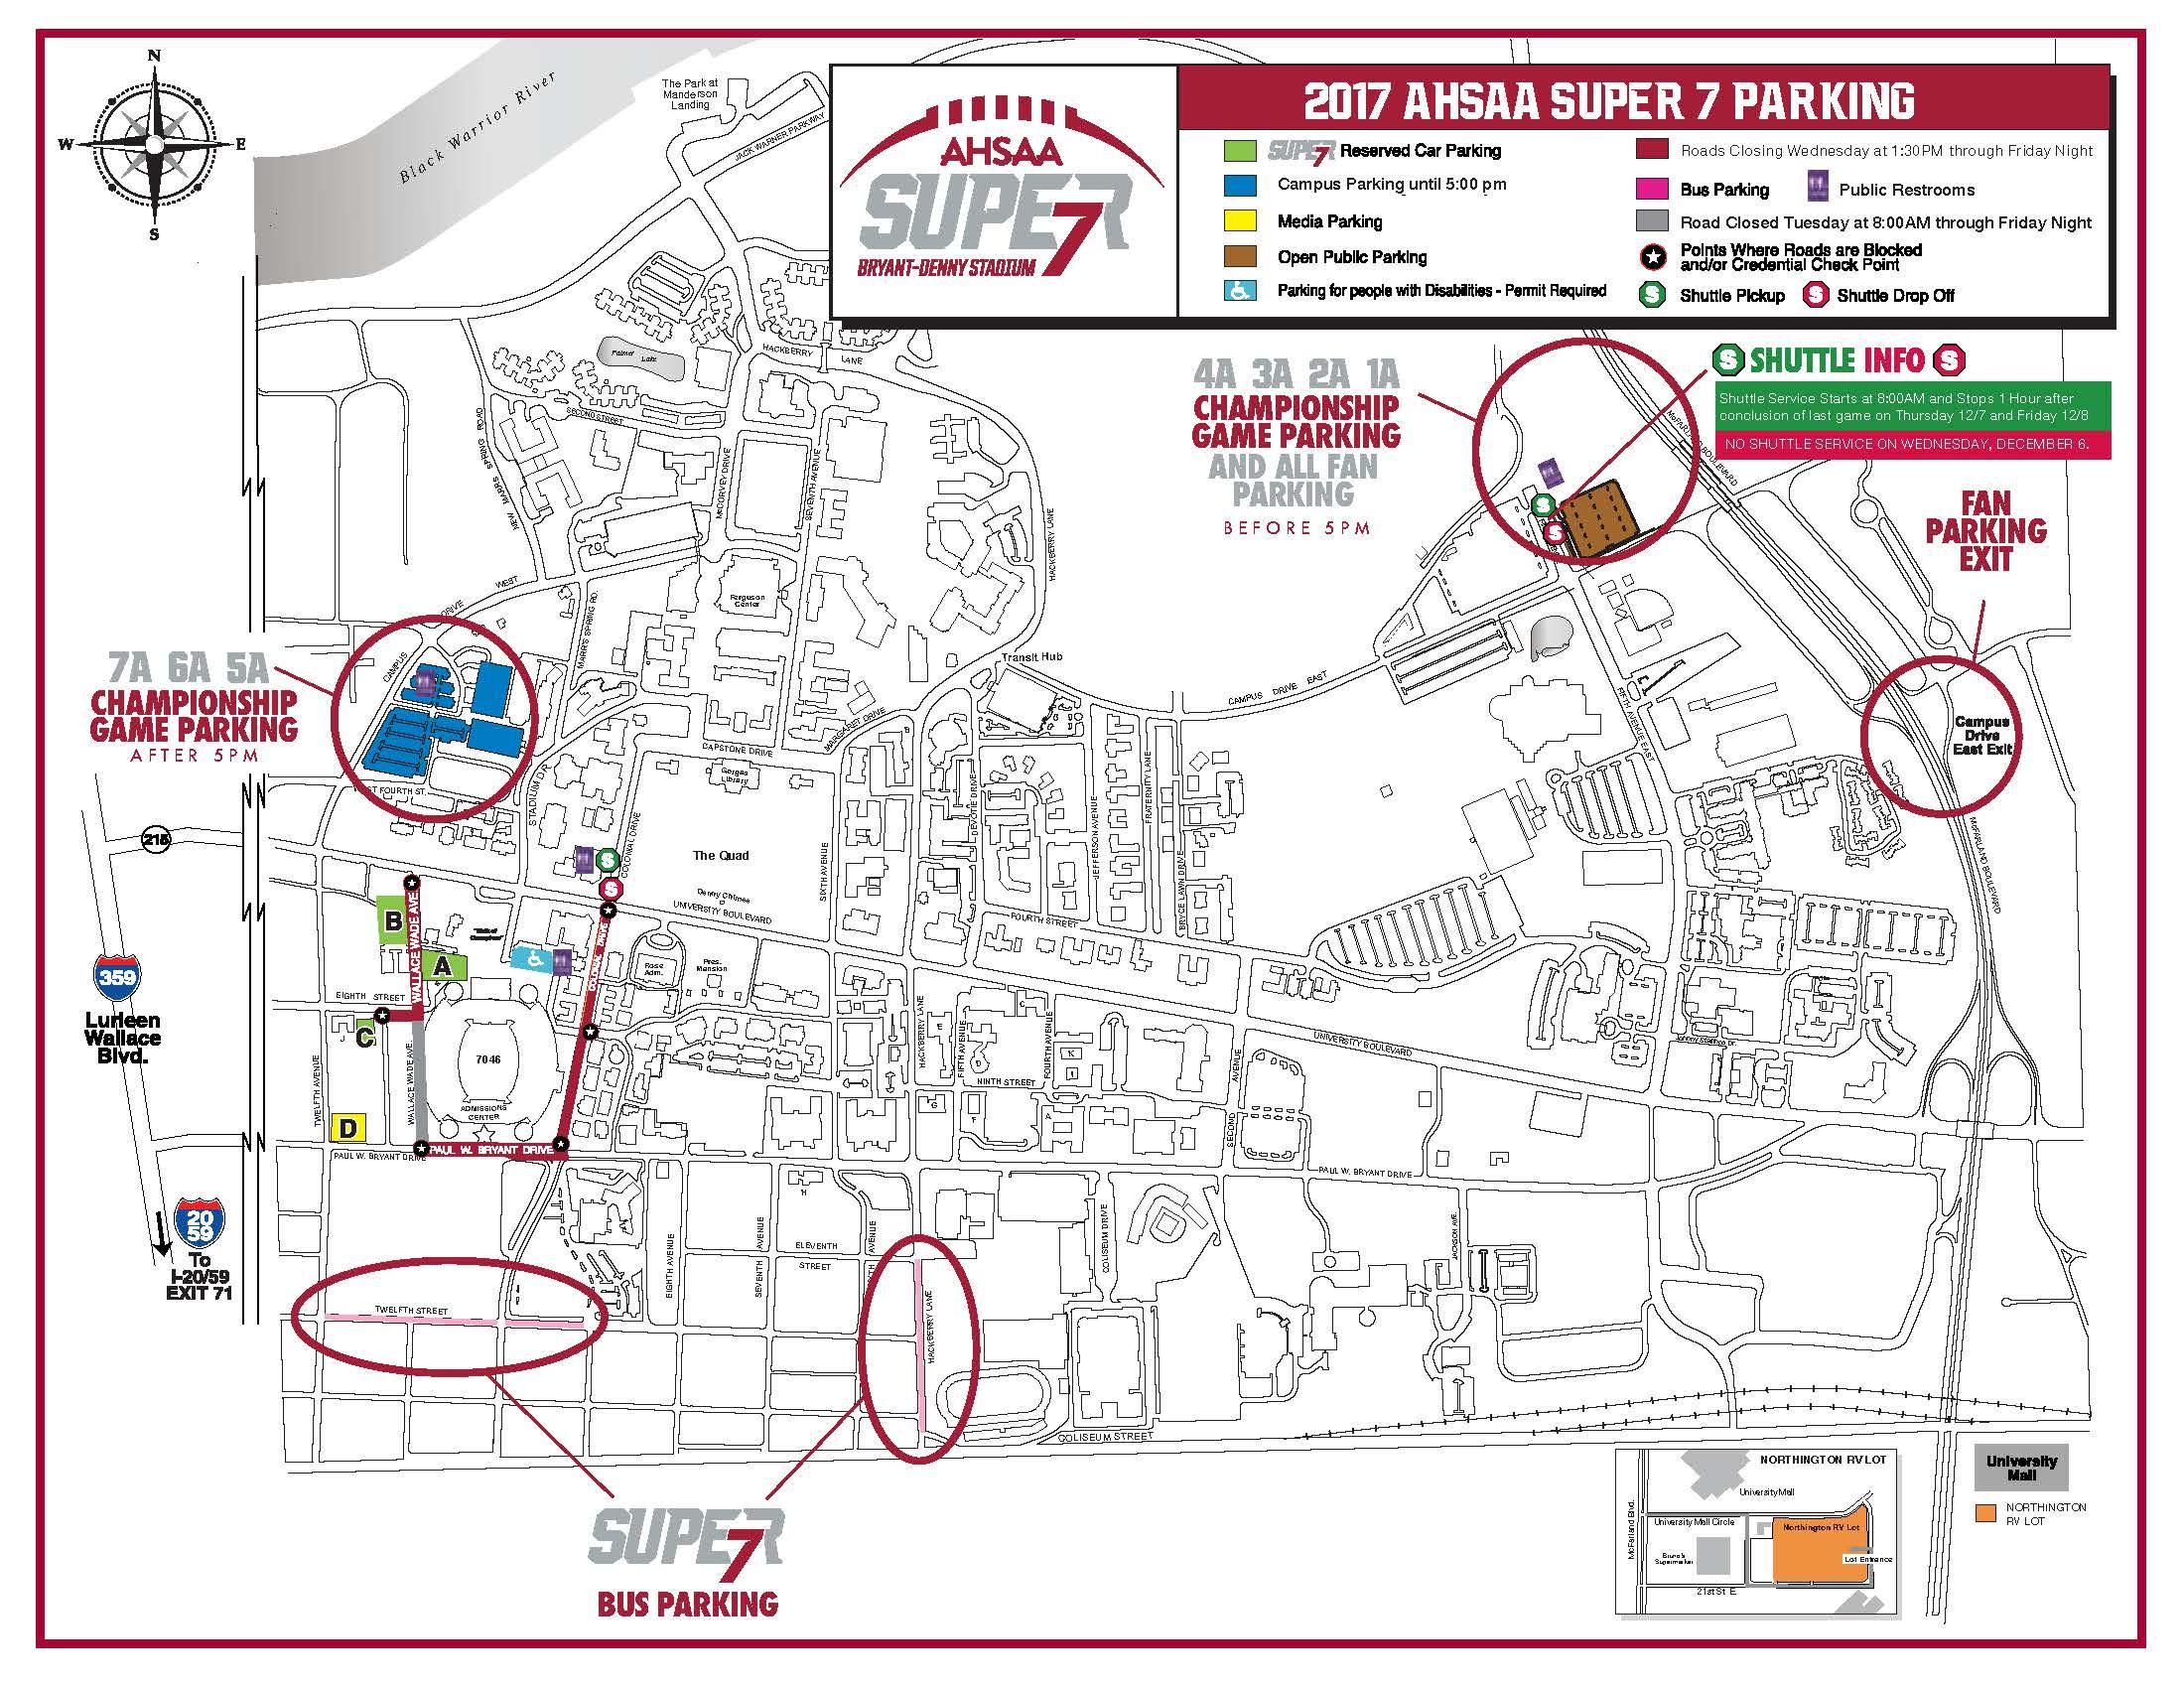 unf parking map brooklyn ny map yuba city ca map oakland university . oakland university map wireless network map oakland university